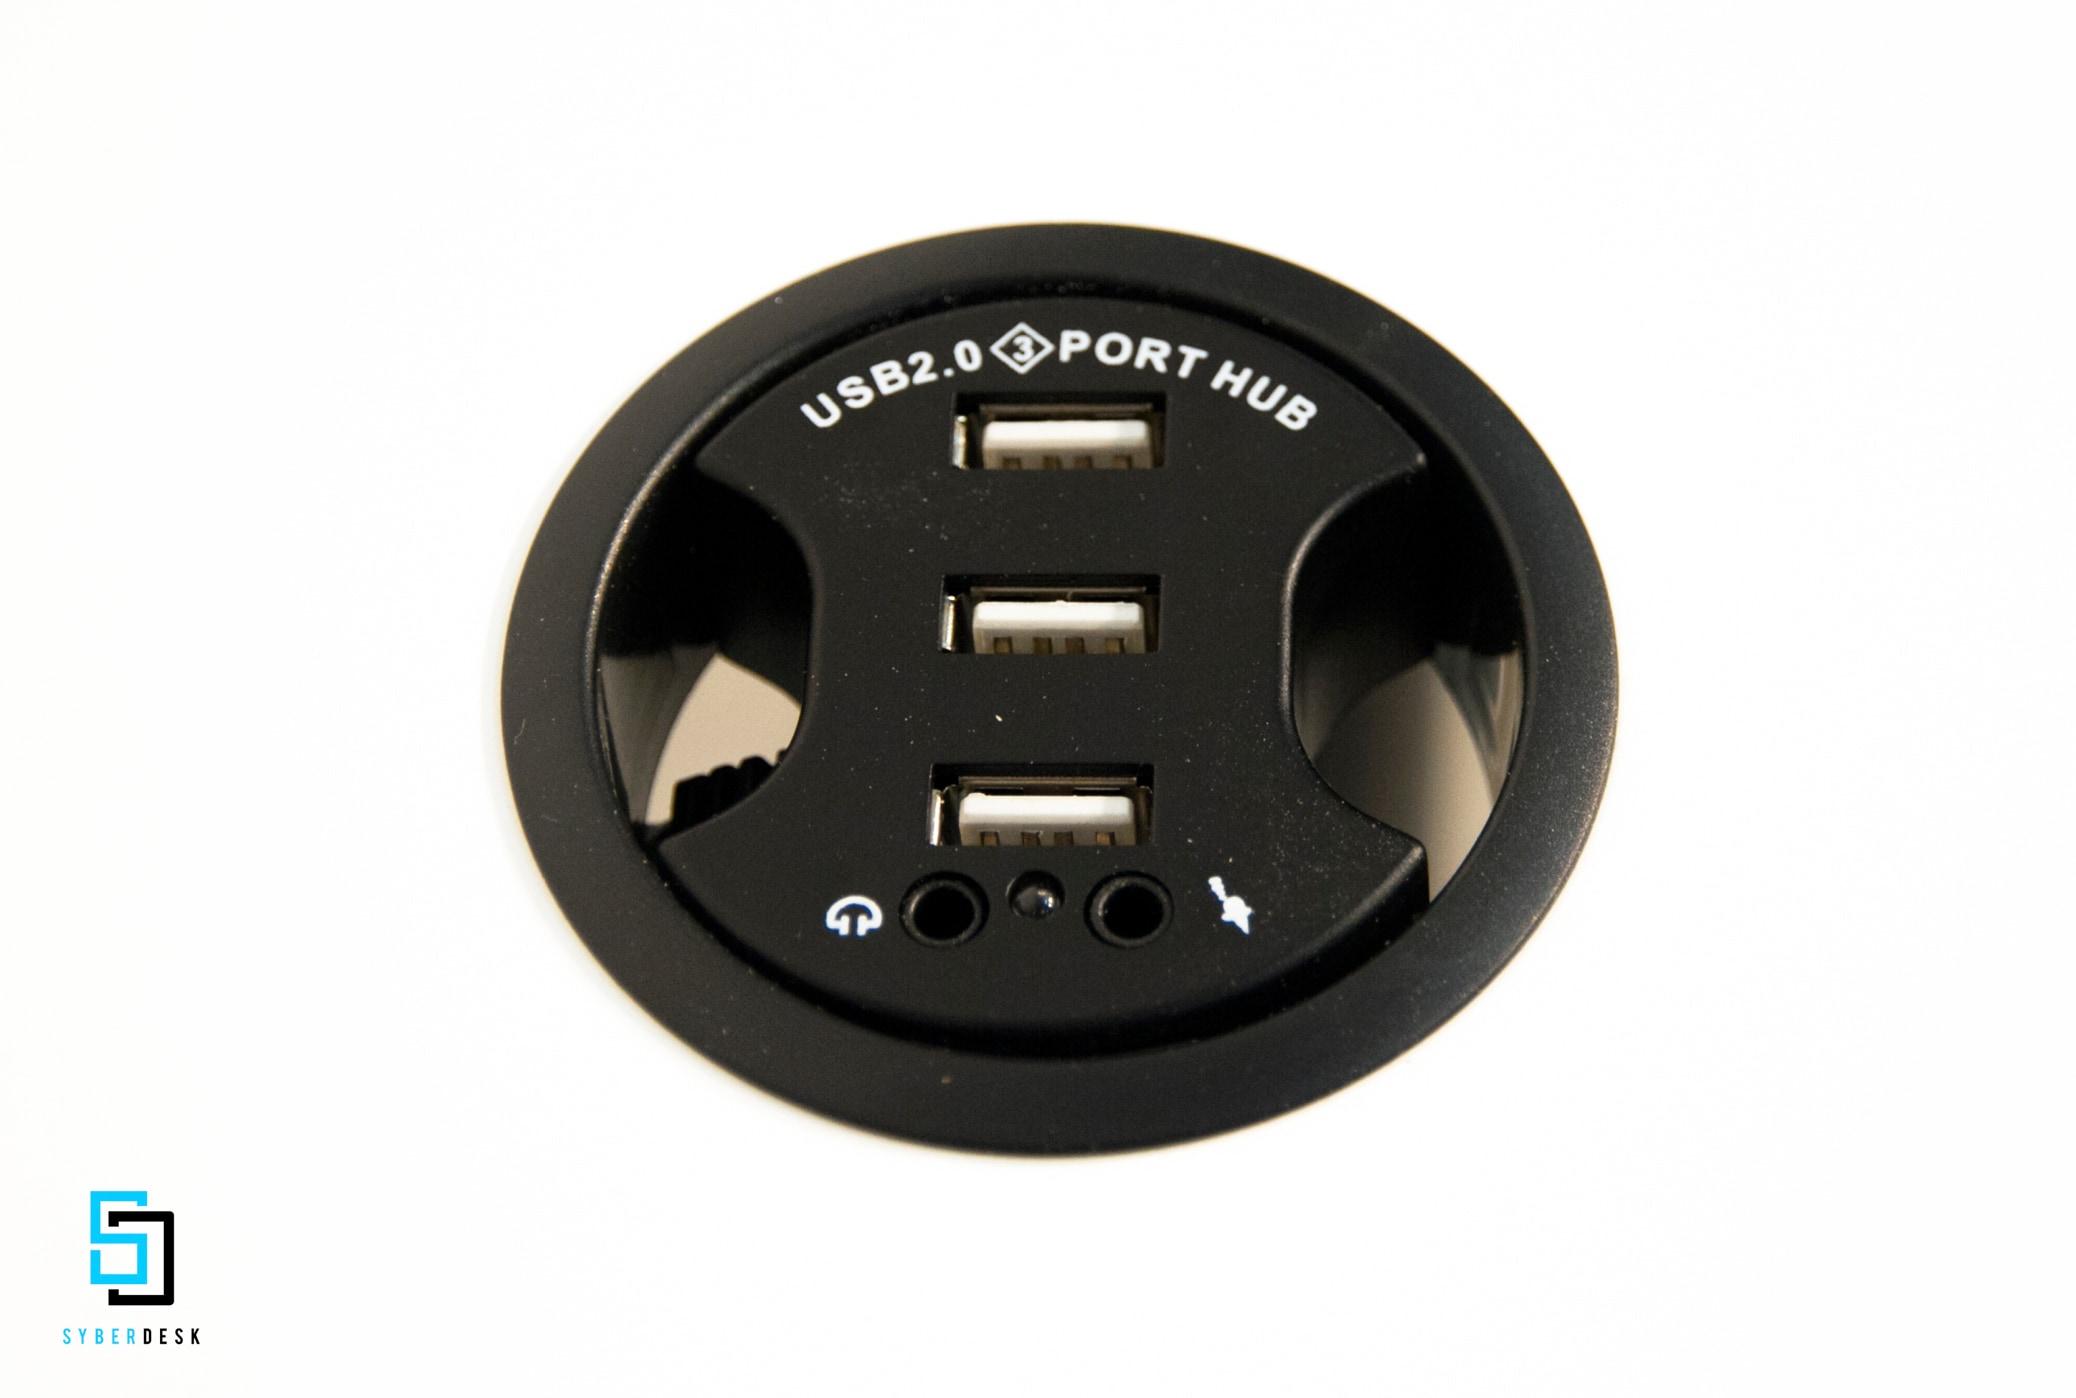 SyberDesk PRO LED USB WHITE White Gaming - 6